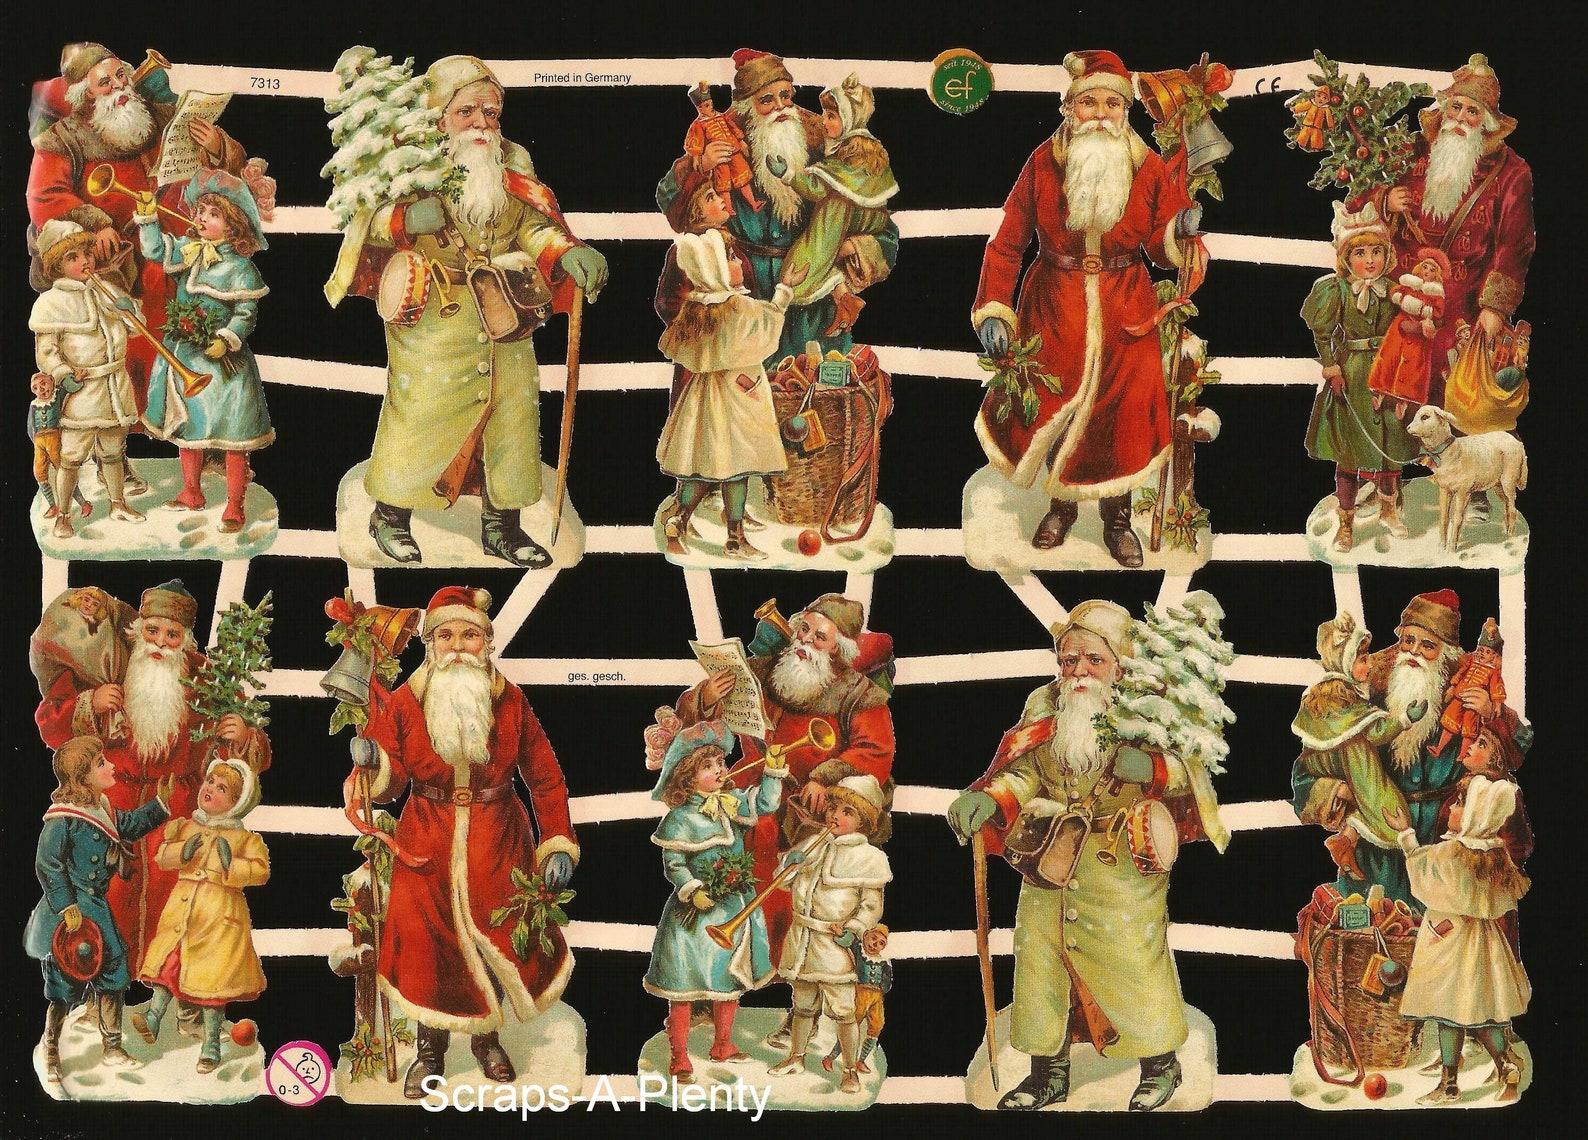 German Embossed Vintage Style Scrap Die Cut Relief - Lots of Christmas Santa's EF7313